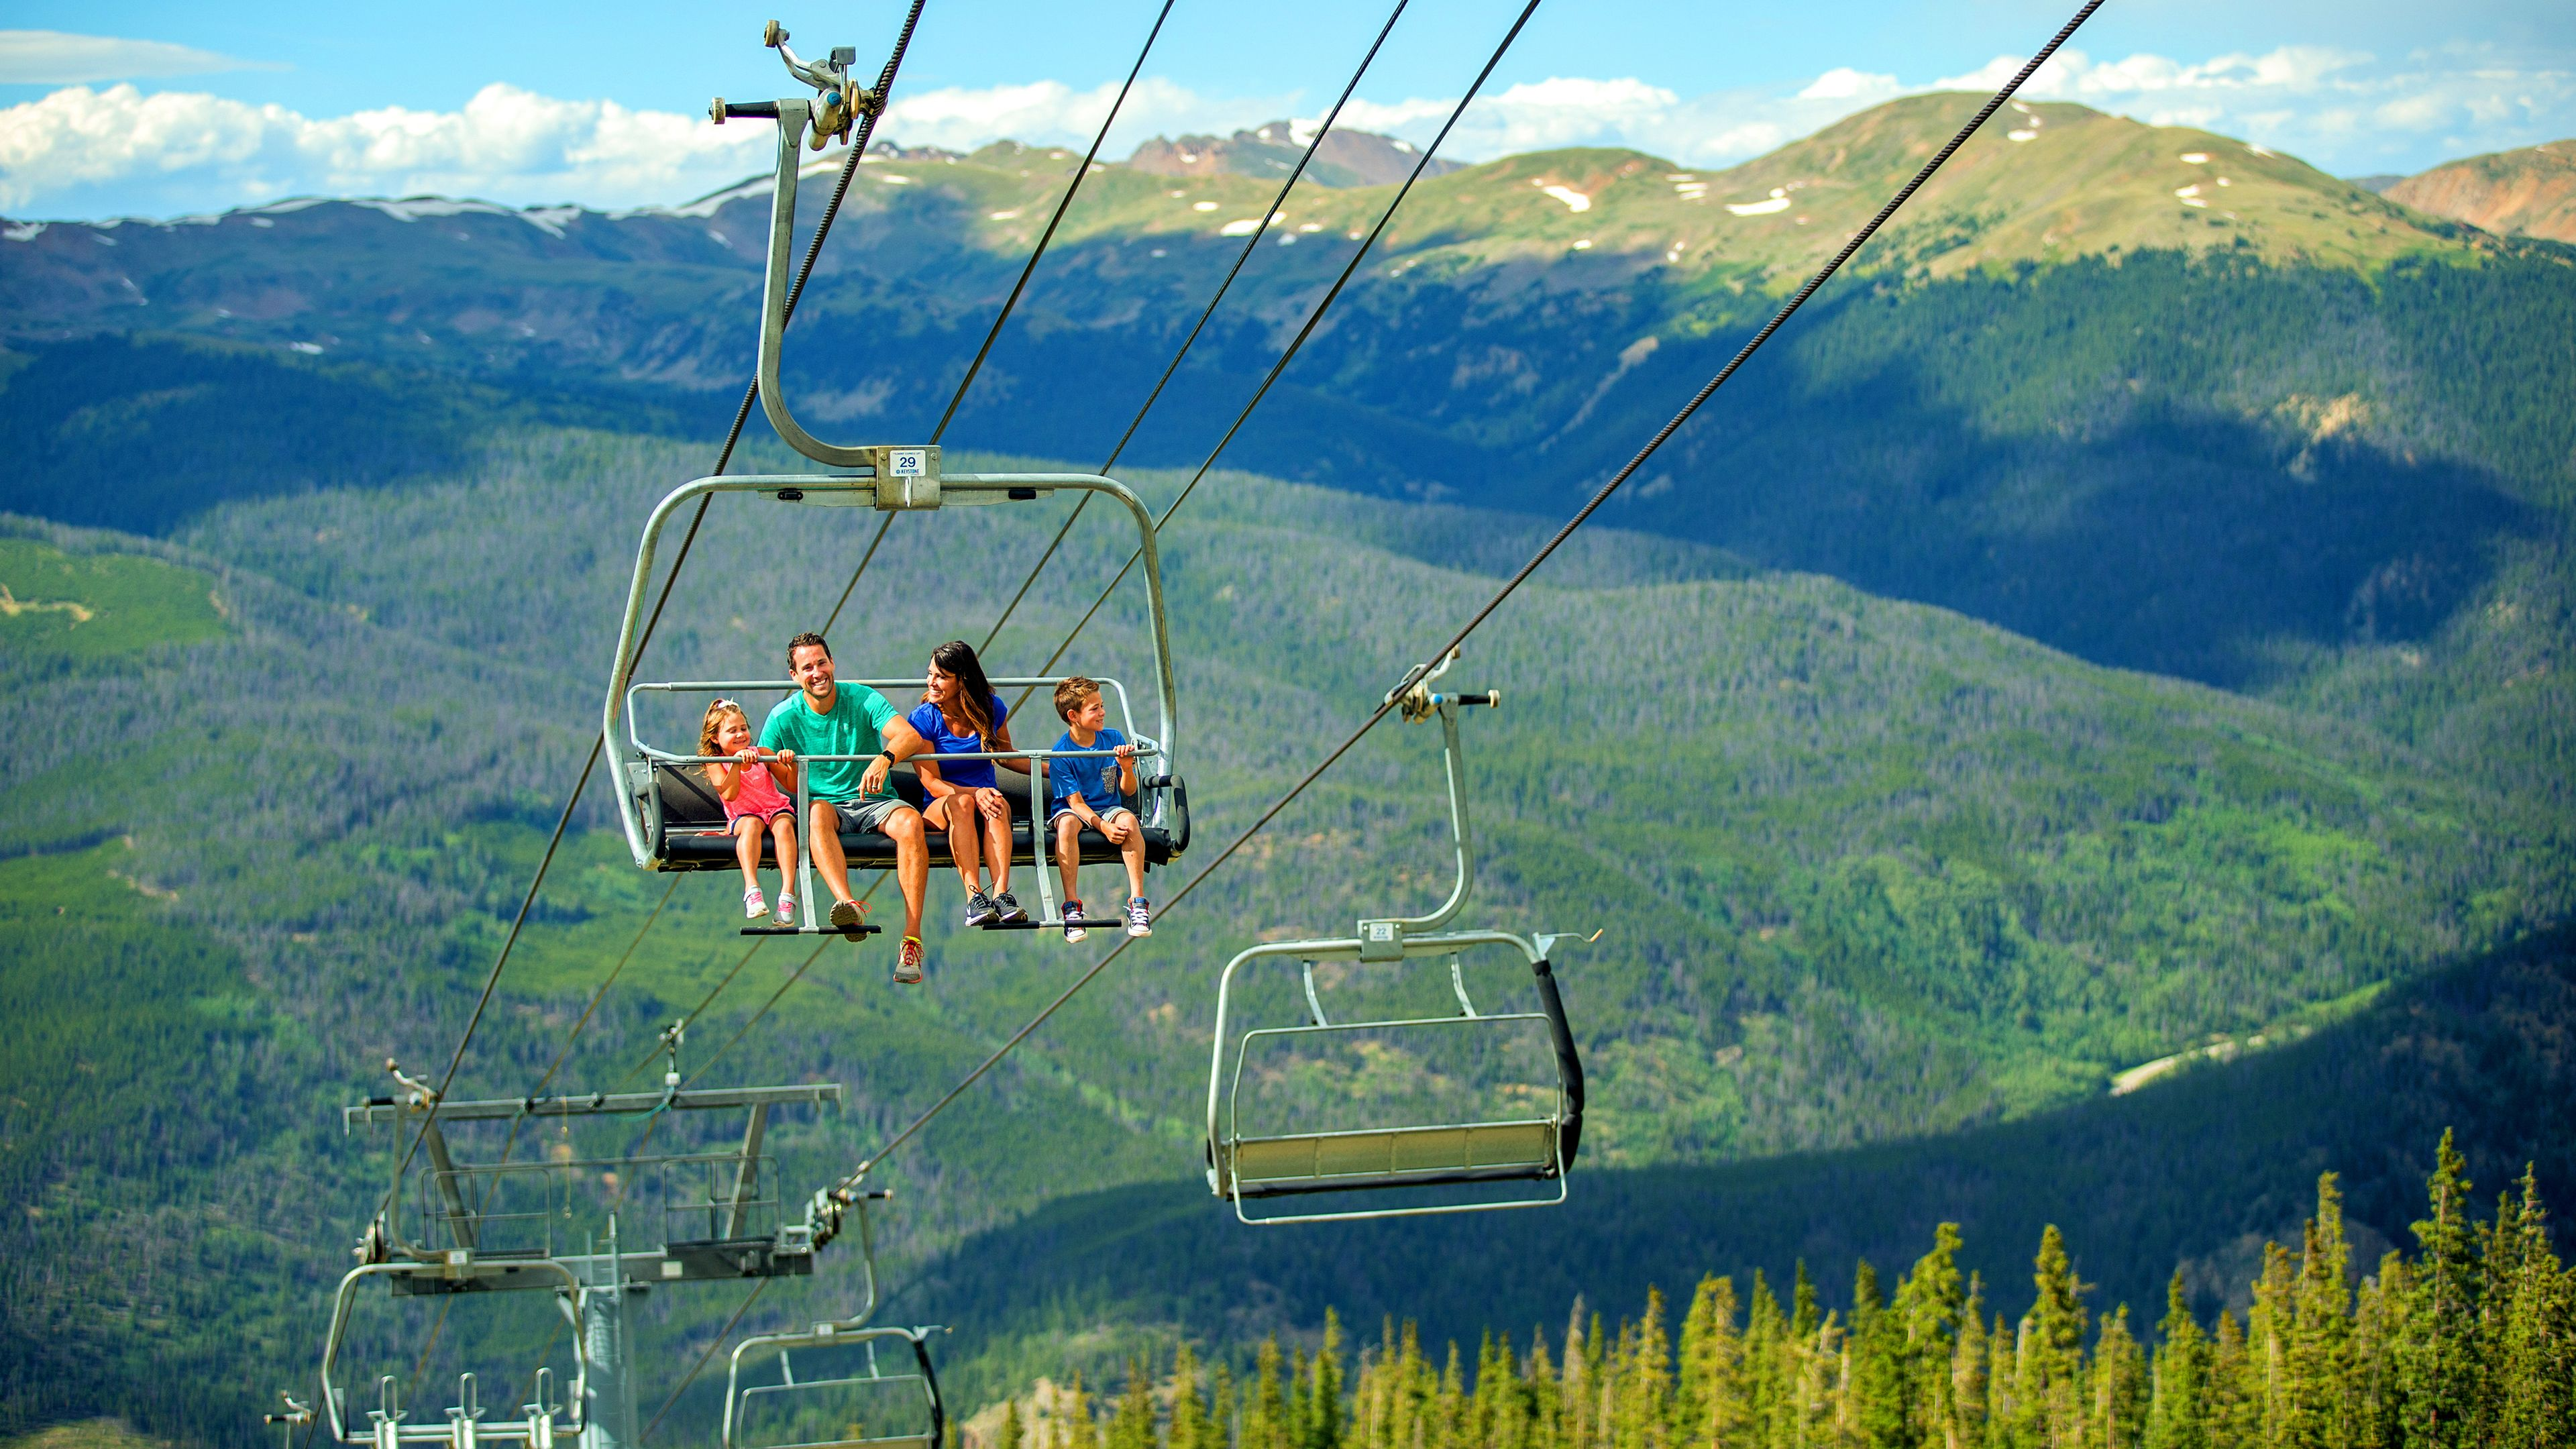 Family rides a gondola on a sunny mountaintop